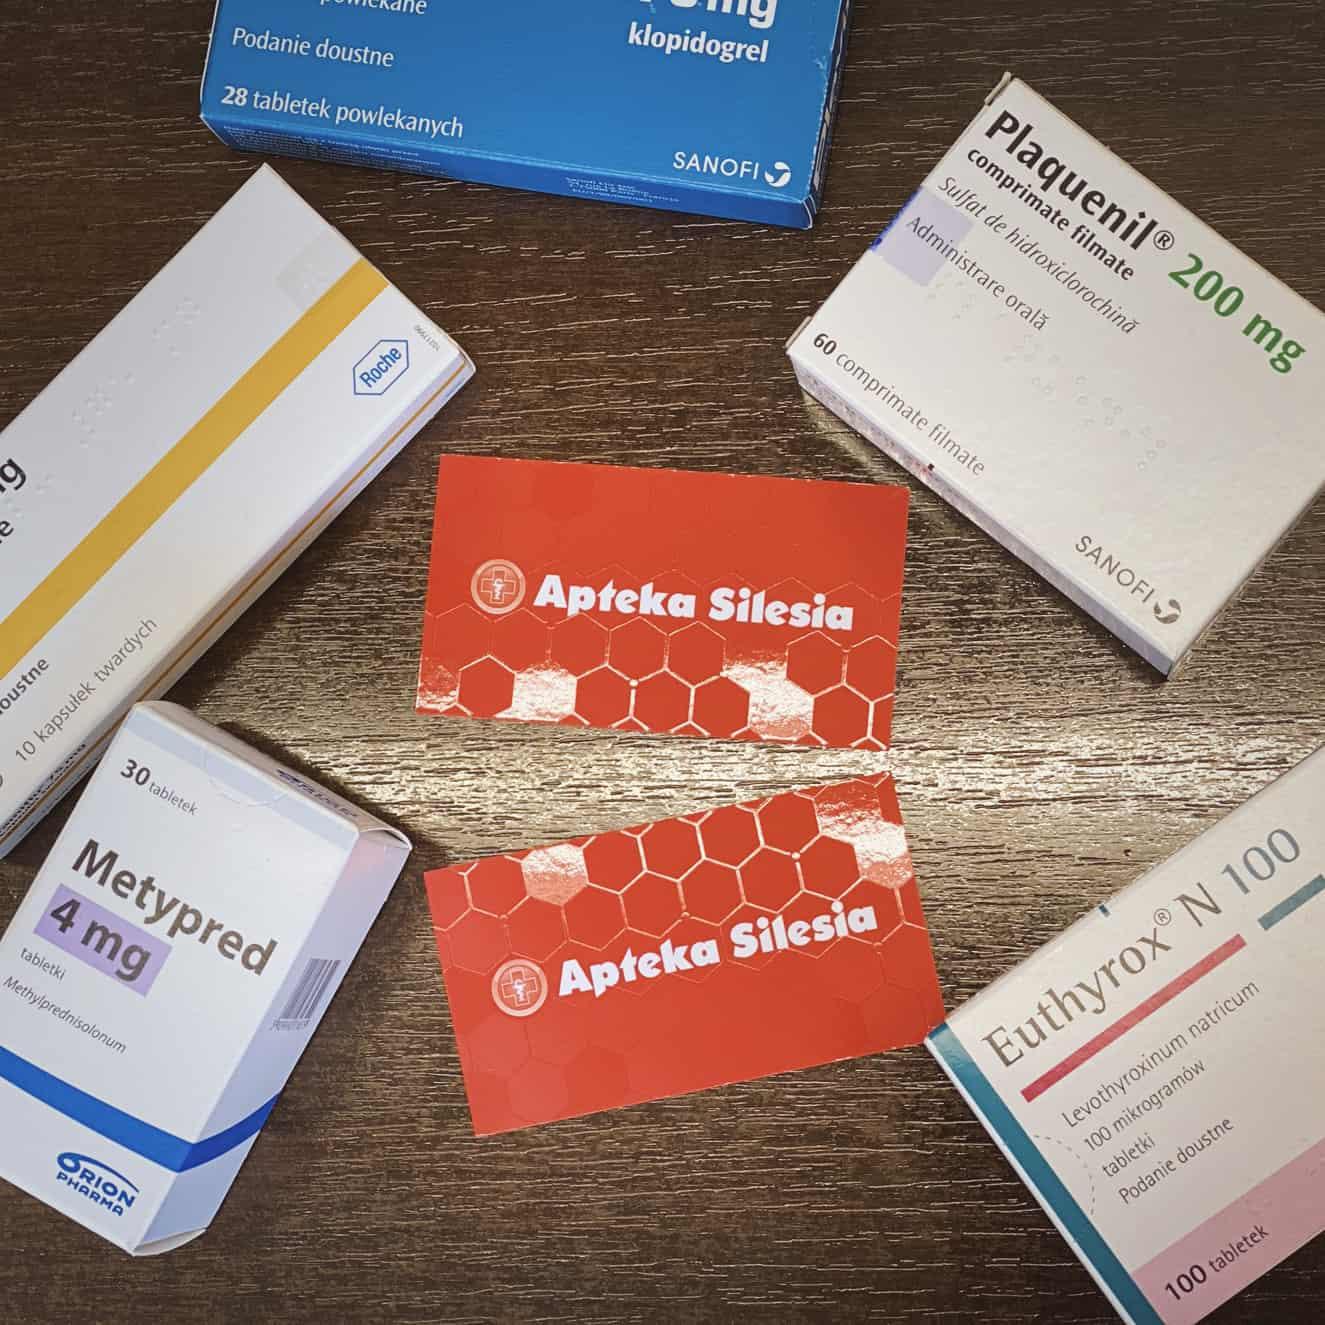 wizytówki firmowe z logo Apteka Silesia